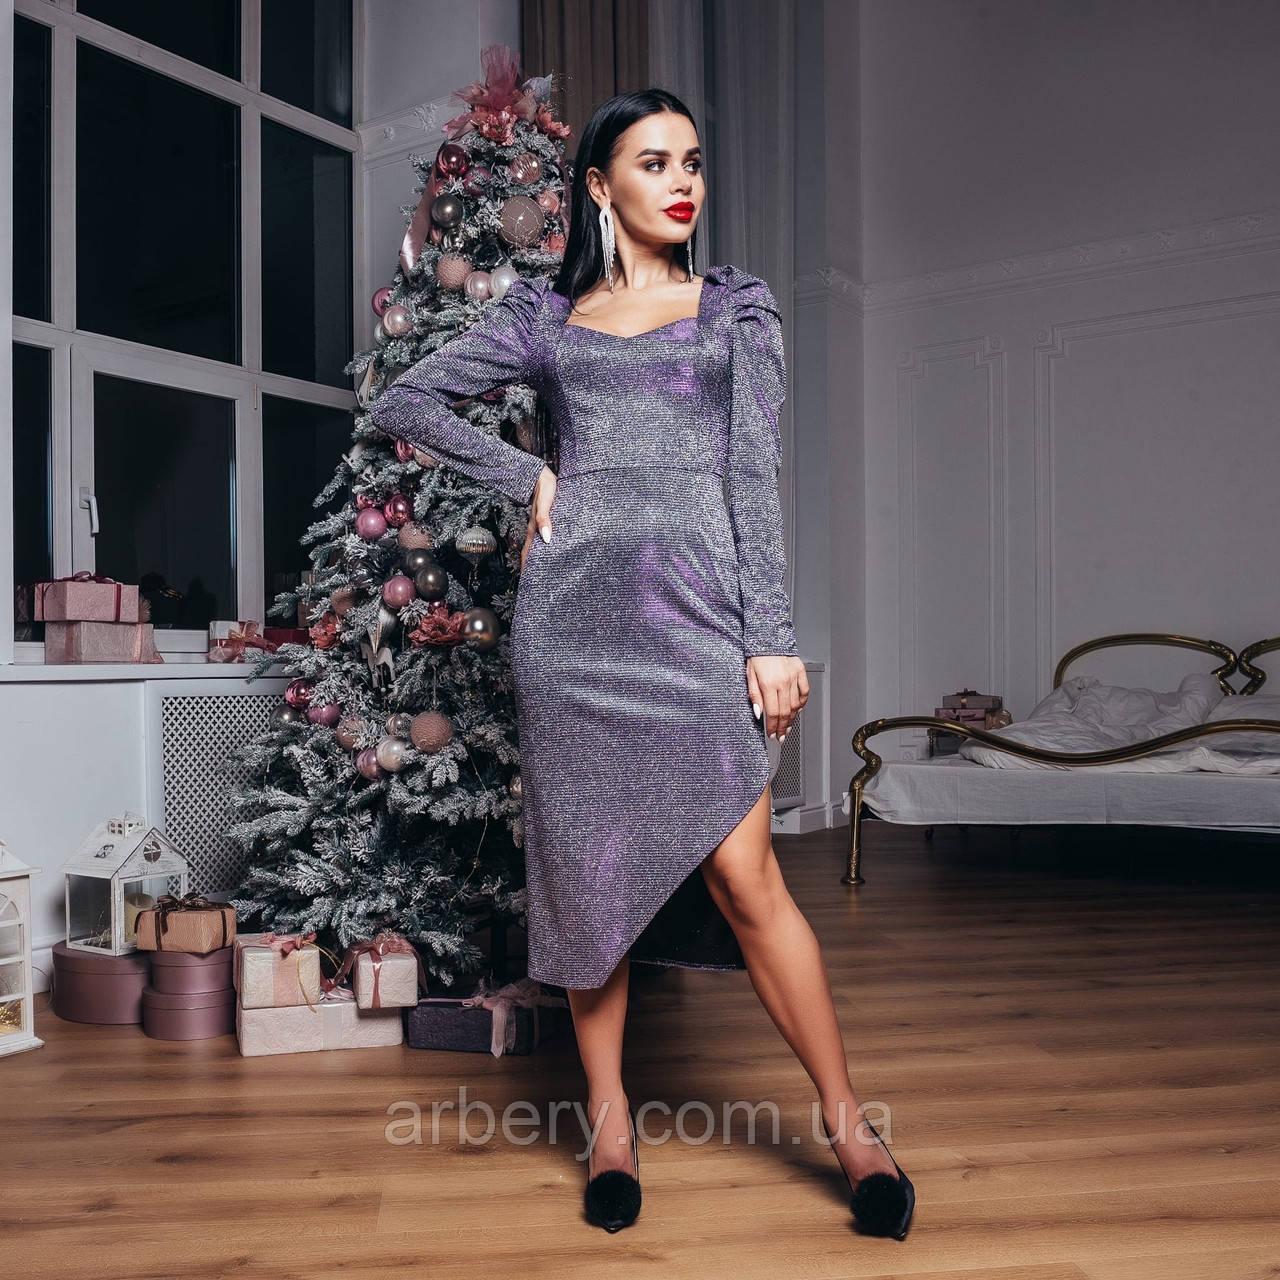 Шикарное мерцающее платье с разрезом